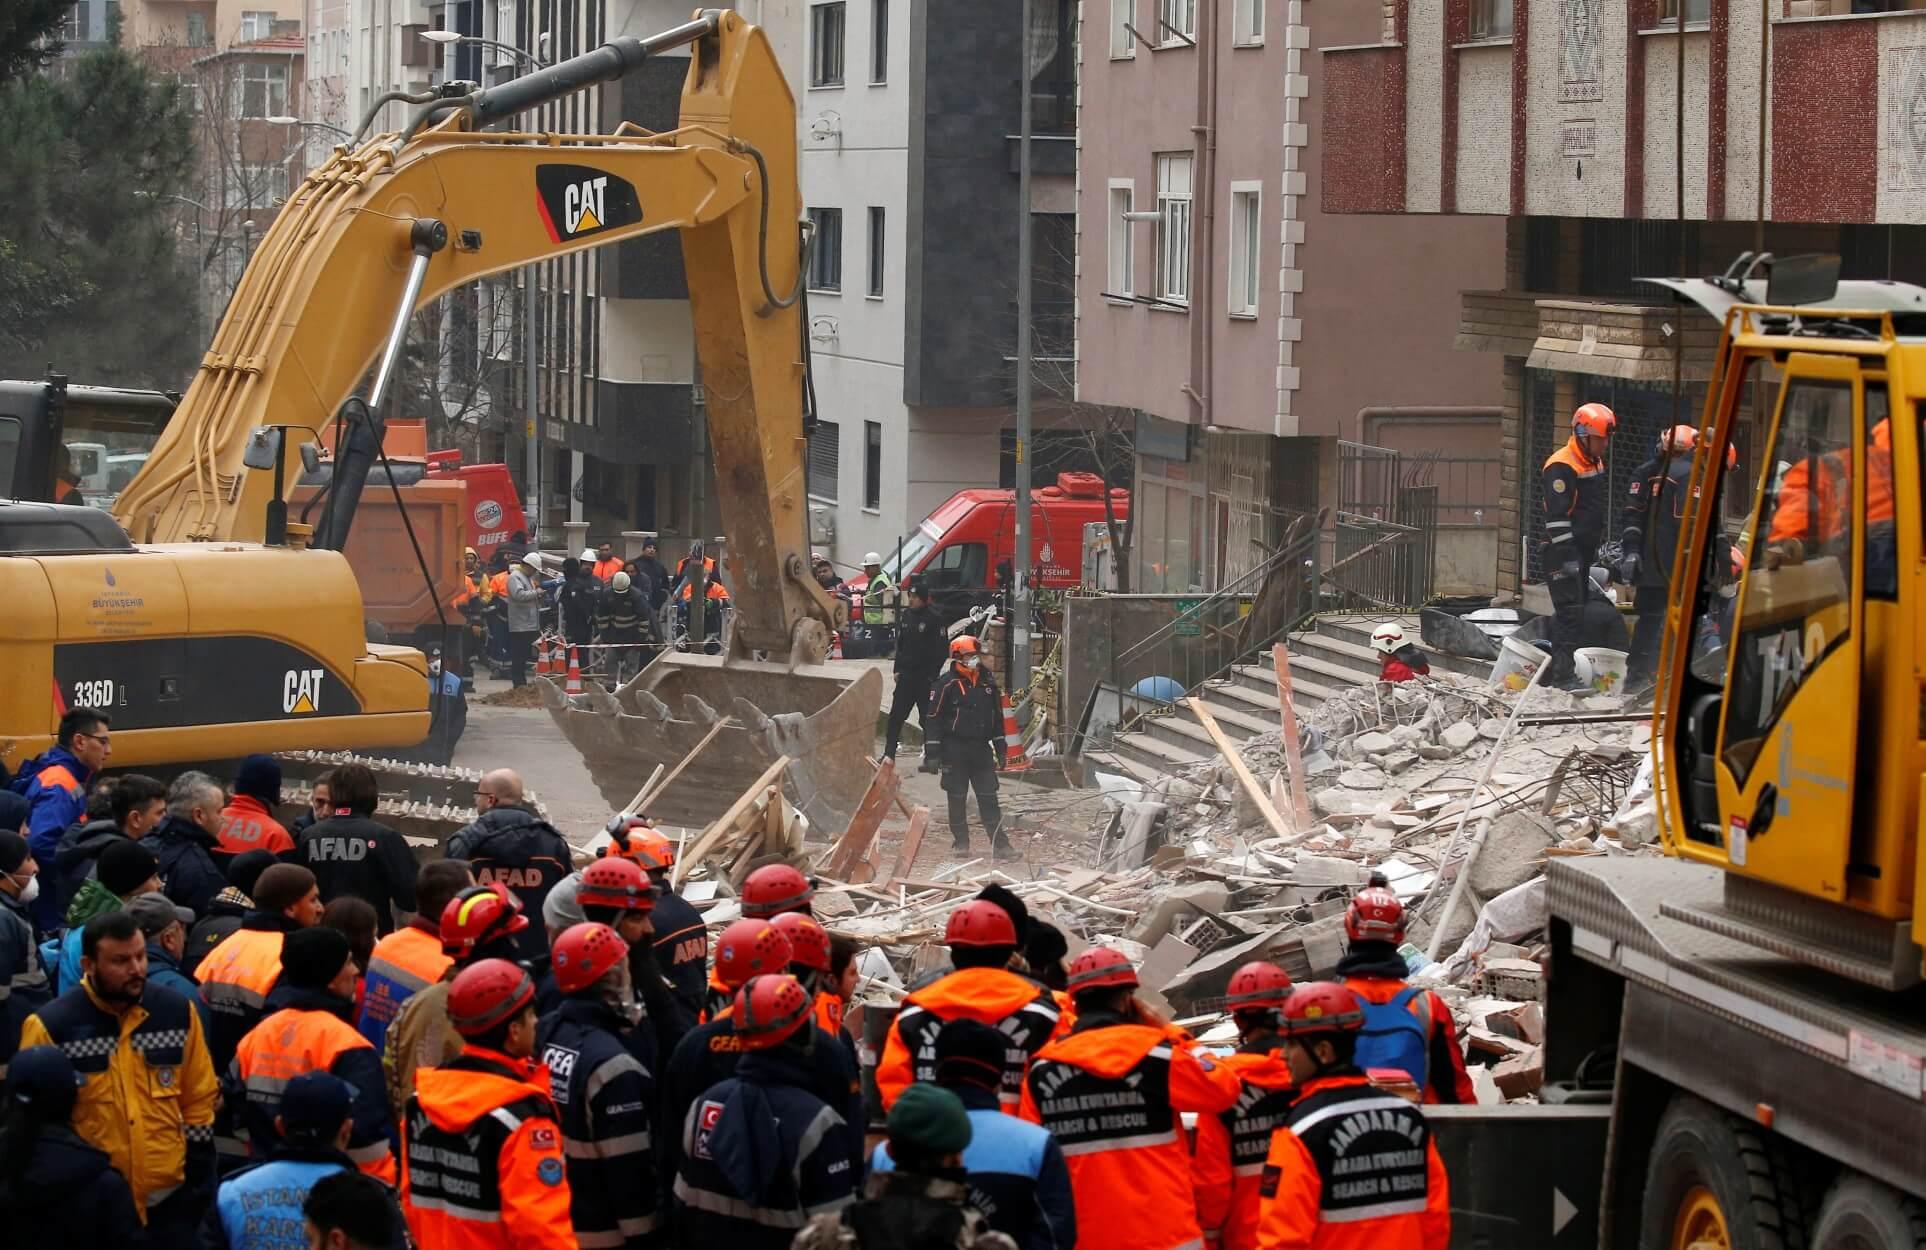 Κωνσταντινούπολη – κατάρρευση: 21 οι νεκροί – Οι 9 από την ίδια οικογένεια!